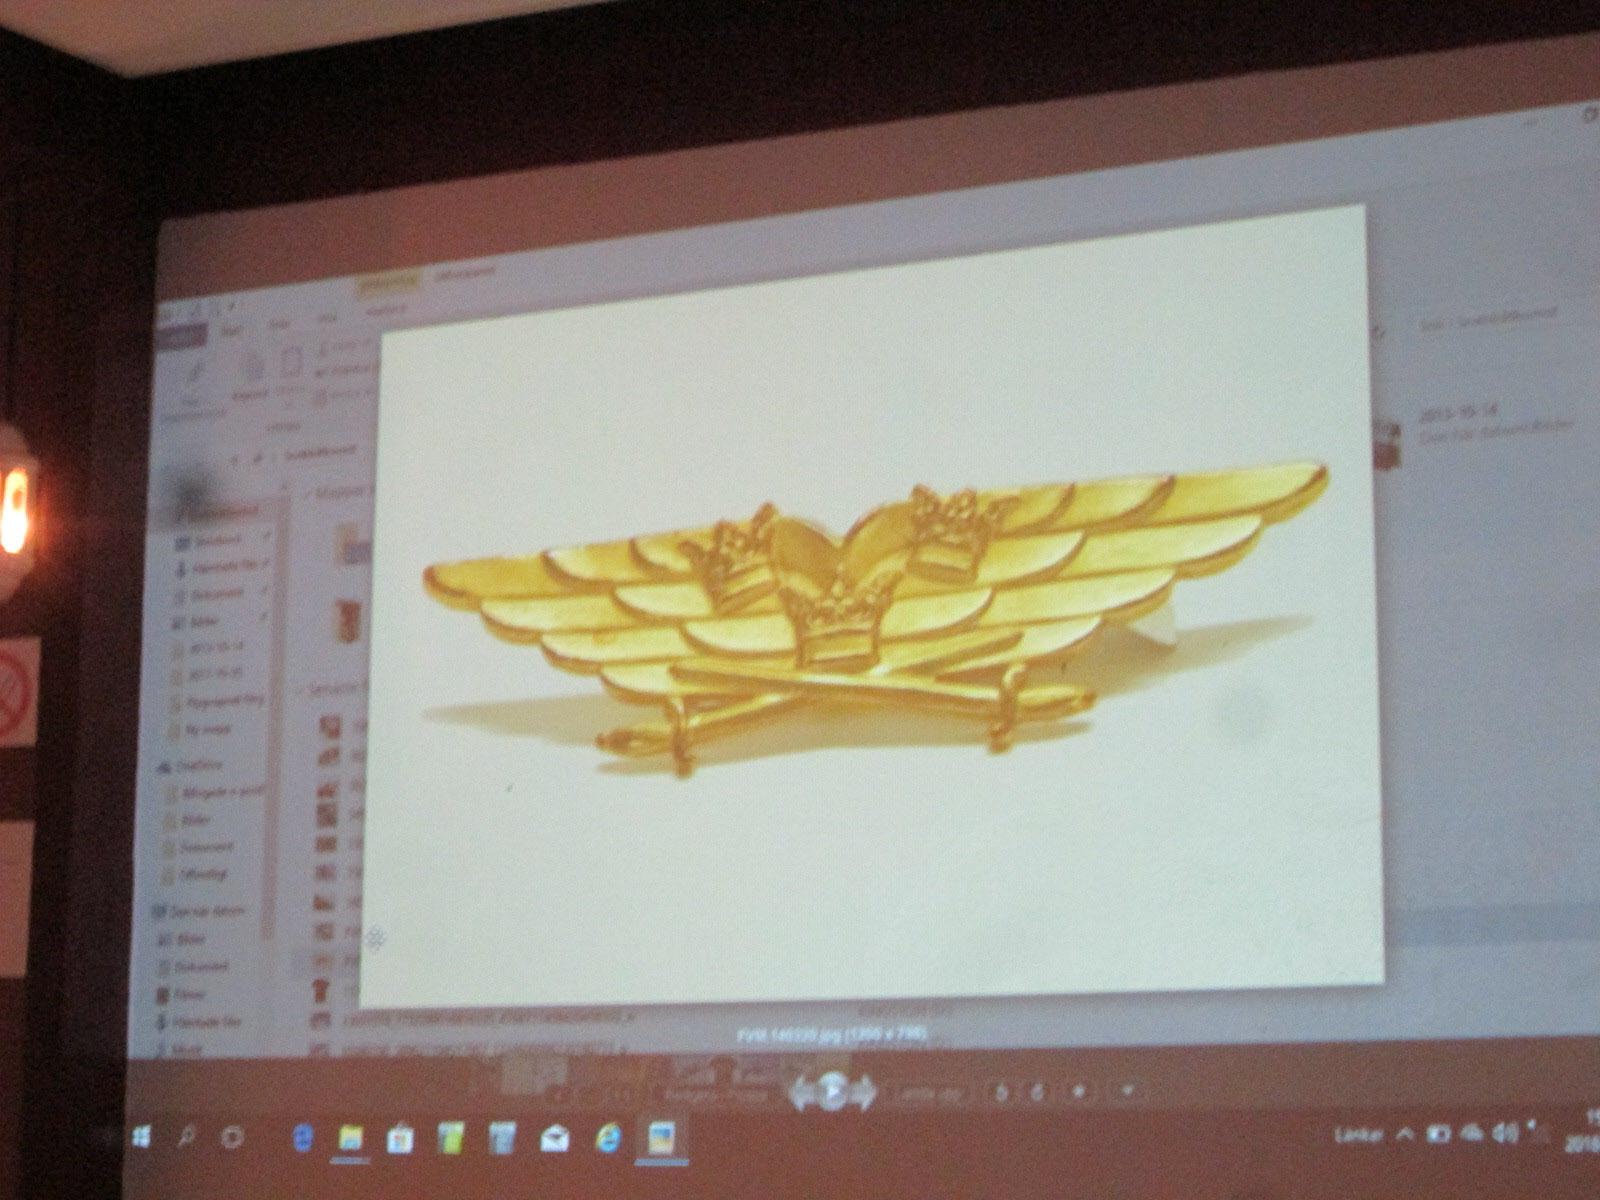 Det fina utmärkelseemblemet Guldvingarna